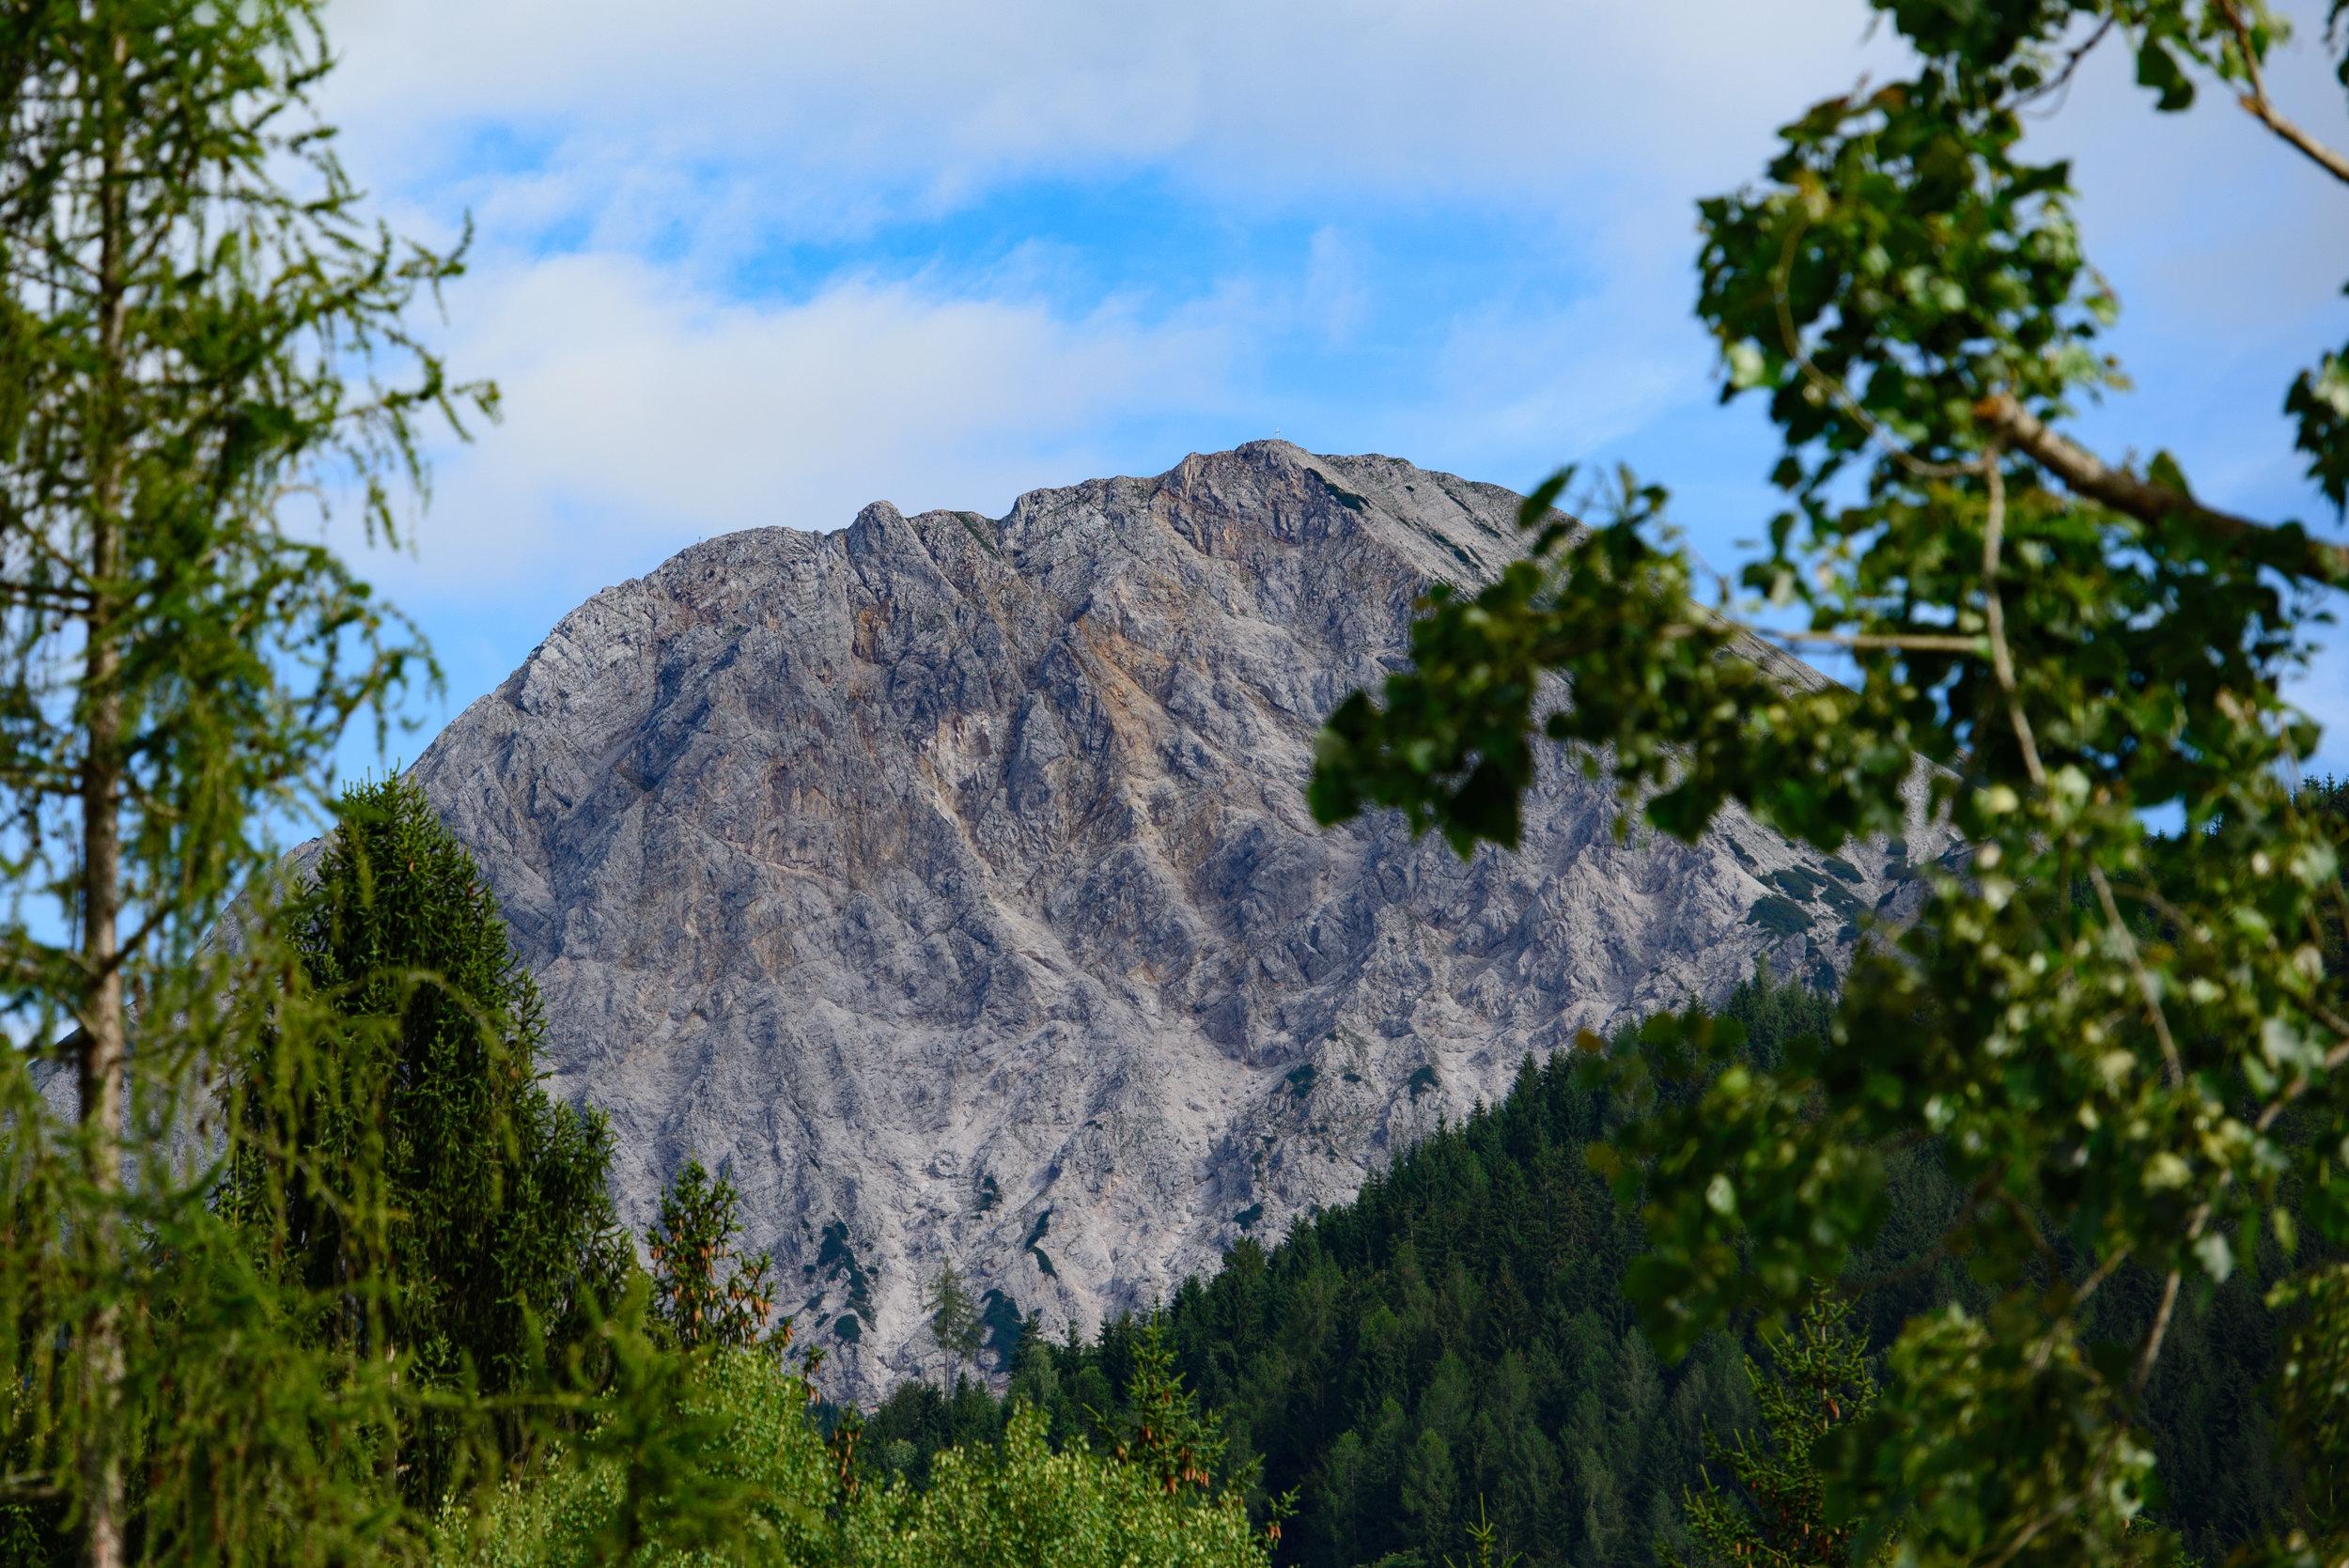 Faak am See, Austria